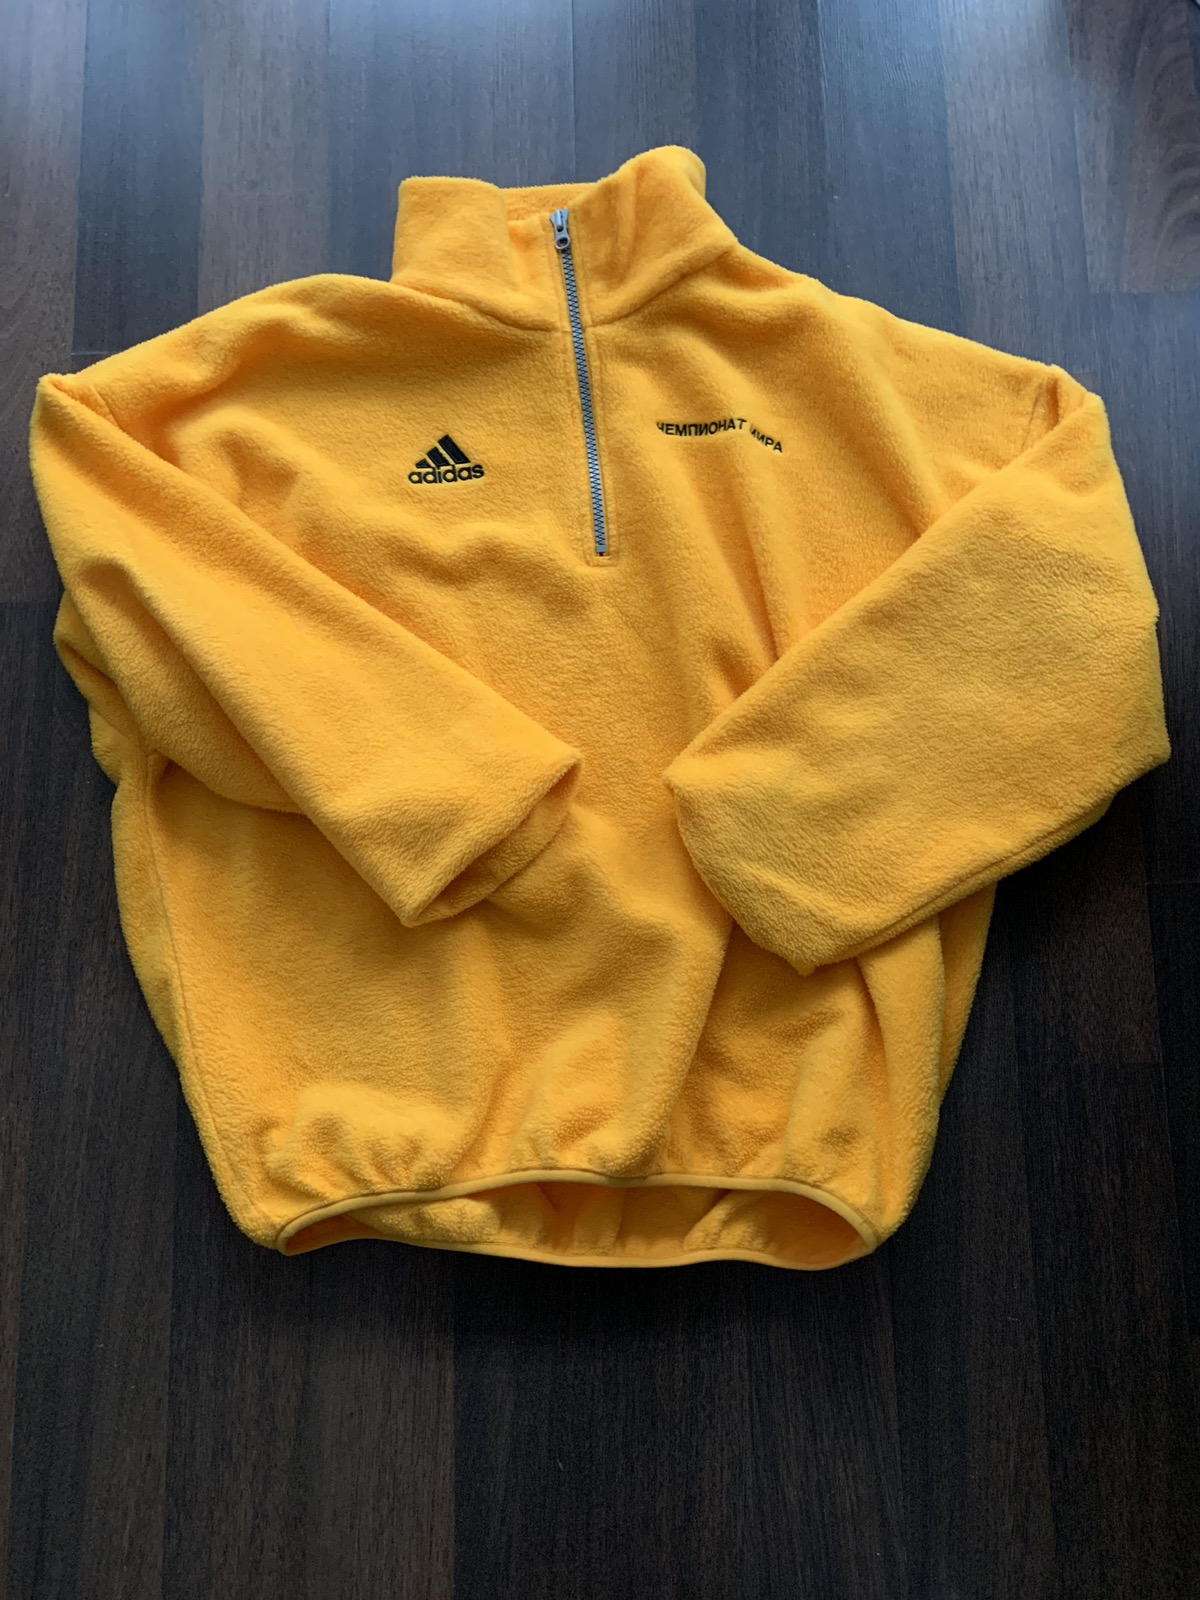 gosha rubchinskiy x adidas fleece